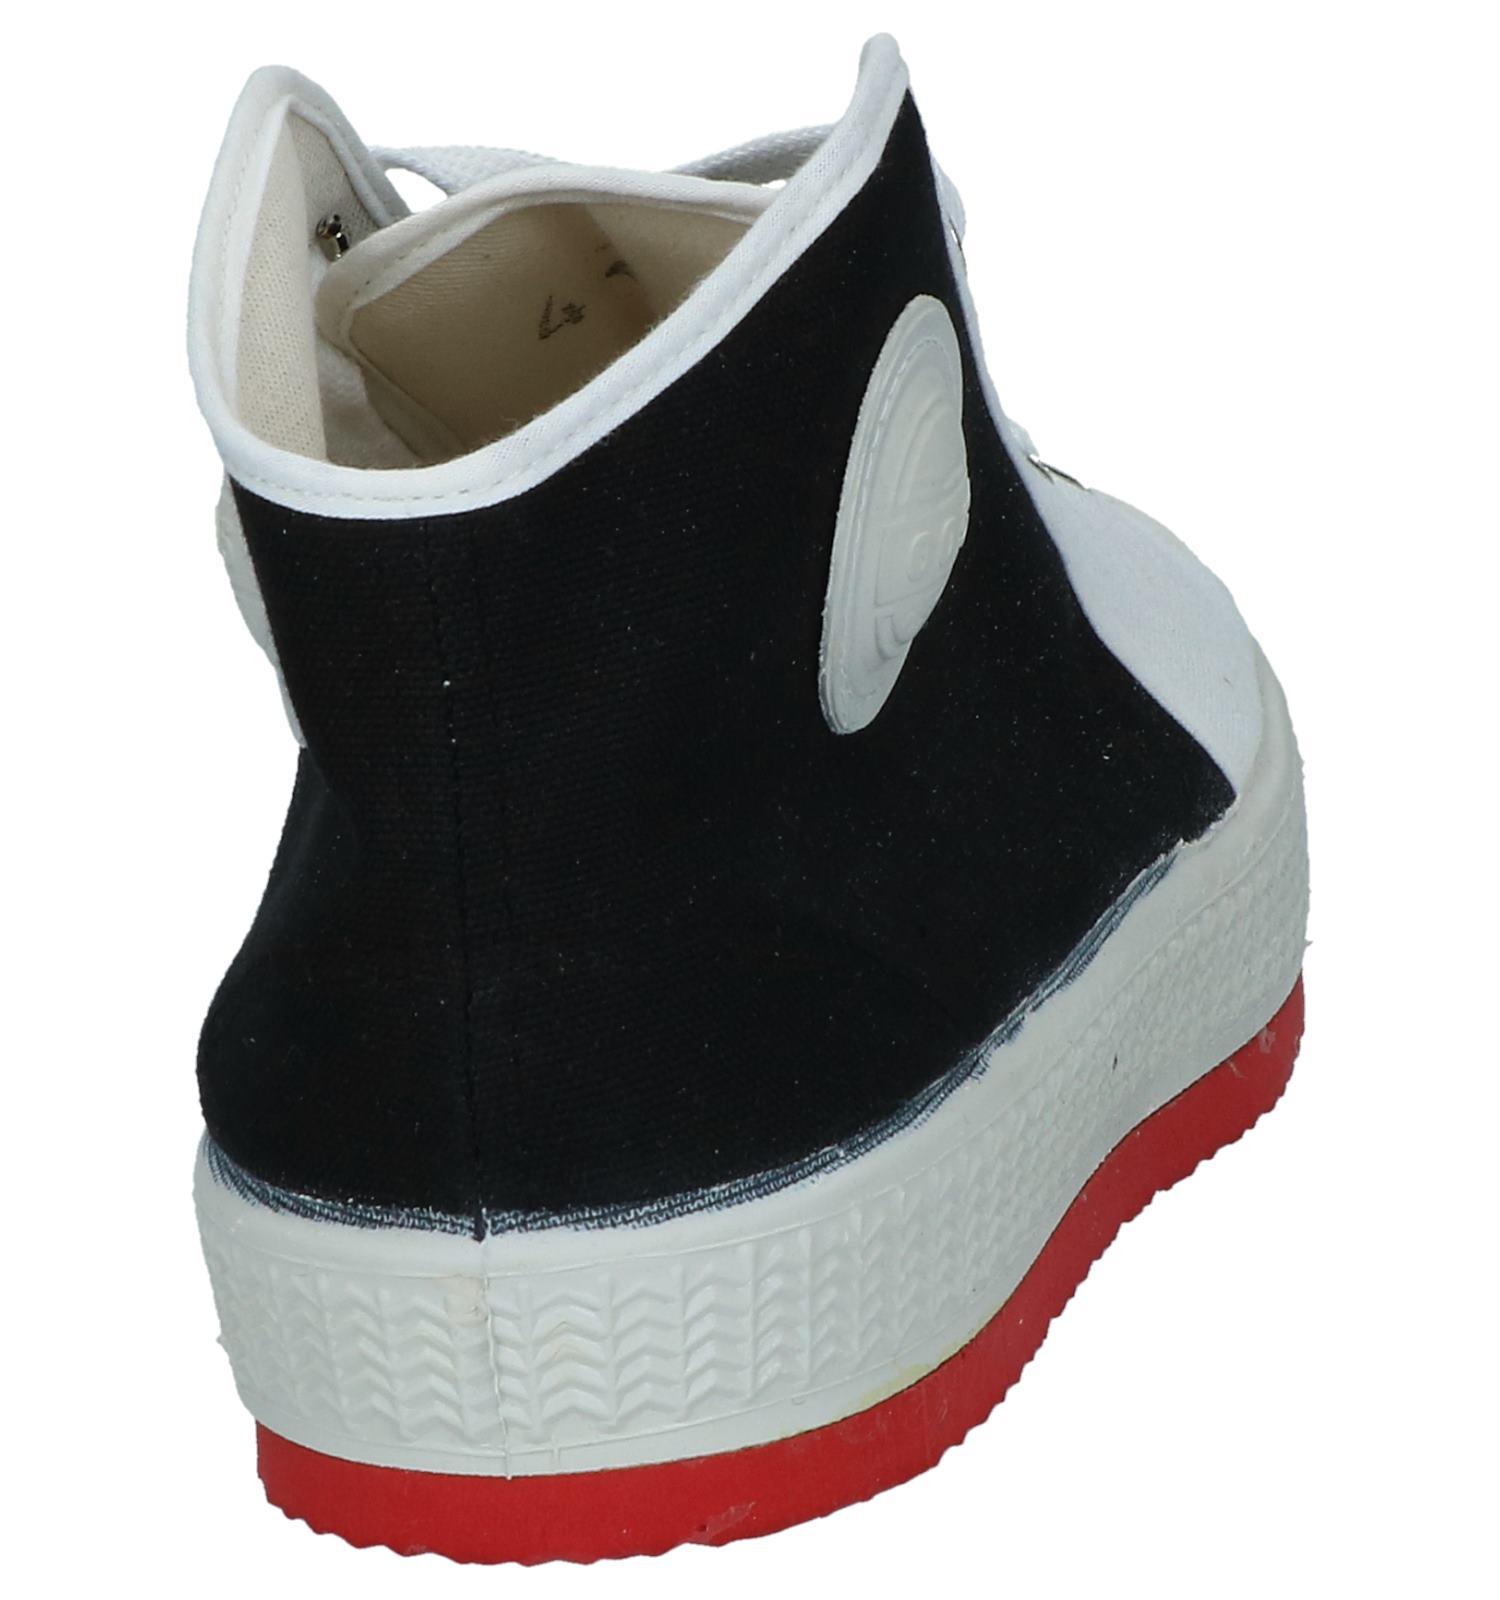 009cc46c041 Zwart/Witte Hoge Sneakers 0051 Anton   TORFS.BE   Gratis verzend en retour